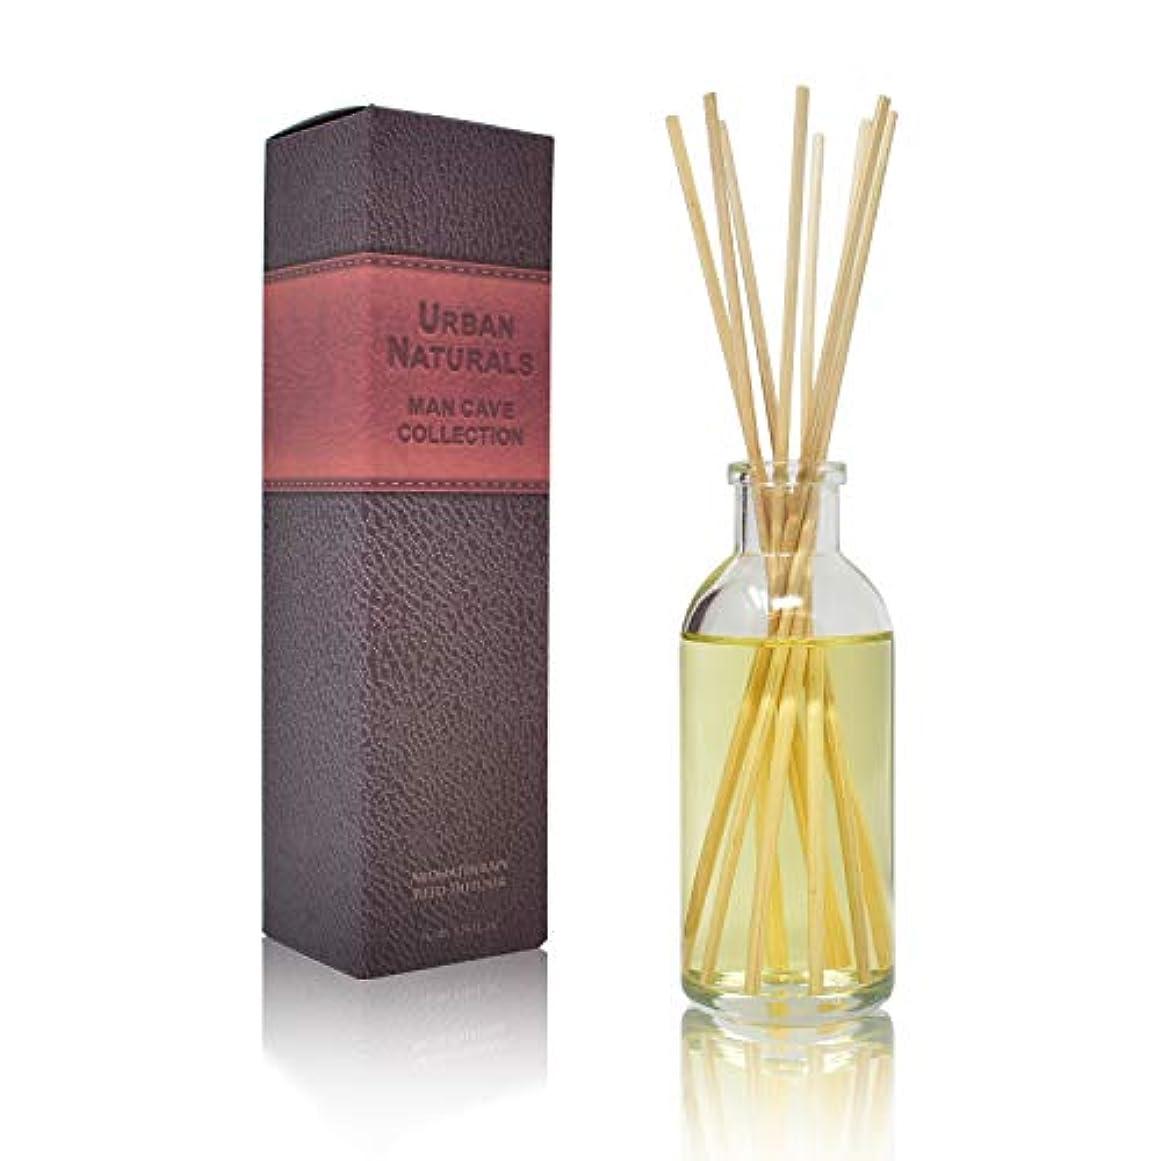 エイズデータベース遠足Urban Naturals旅行コレクションの香りホームAmbiance Reed Diffuser Giftセット UN-Diffuser-MANCAVE